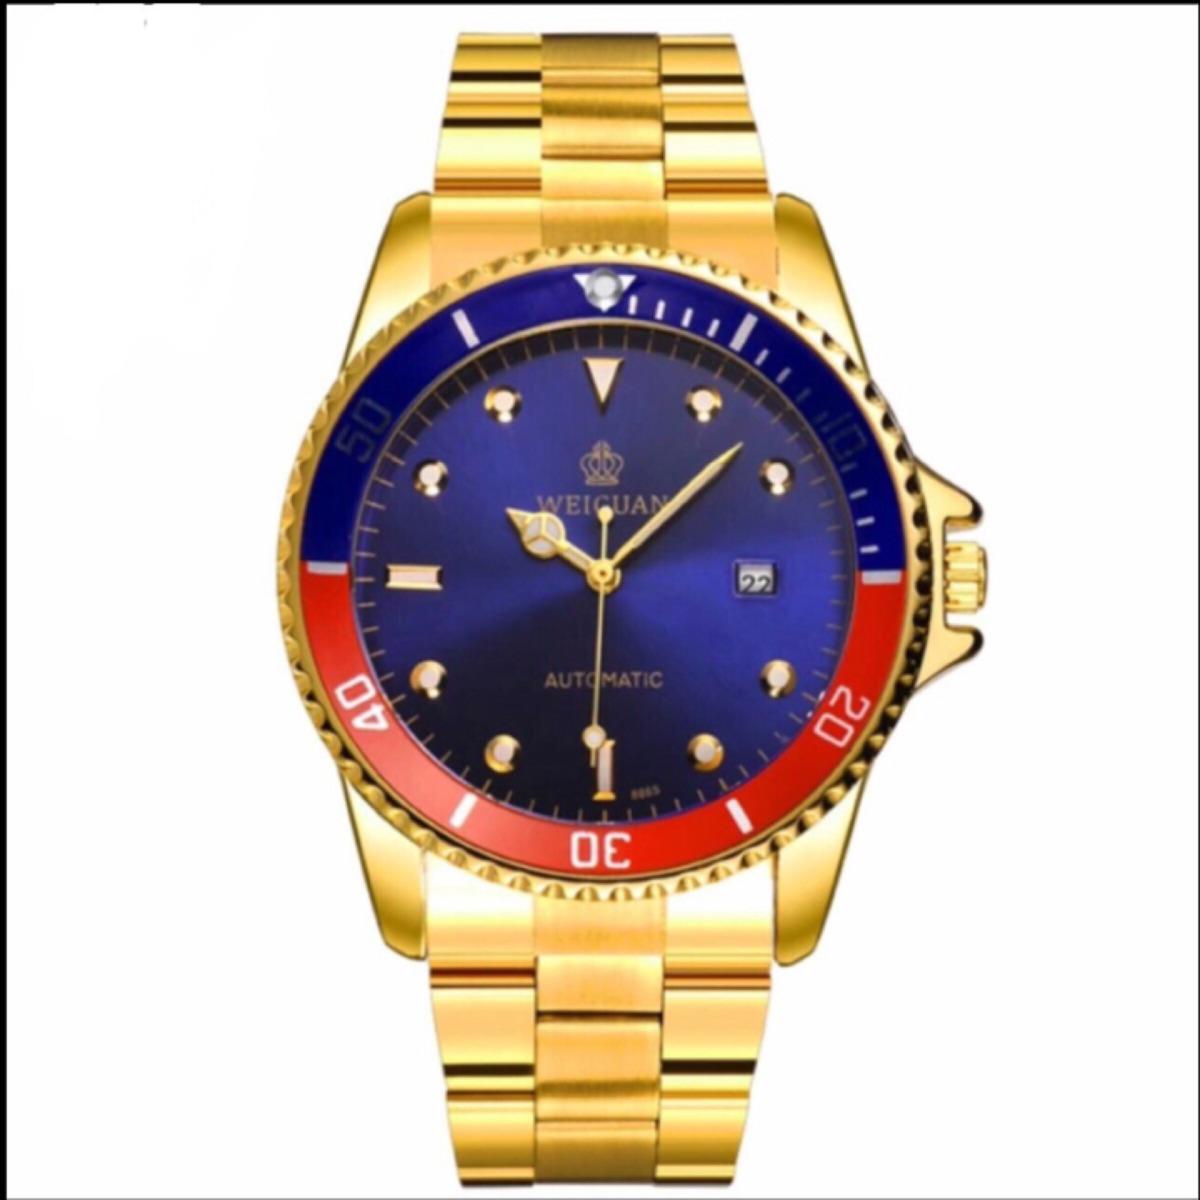 c408d92e30f relógio masculino automatico dourado fundo azul estilo rolex. Carregando  zoom.